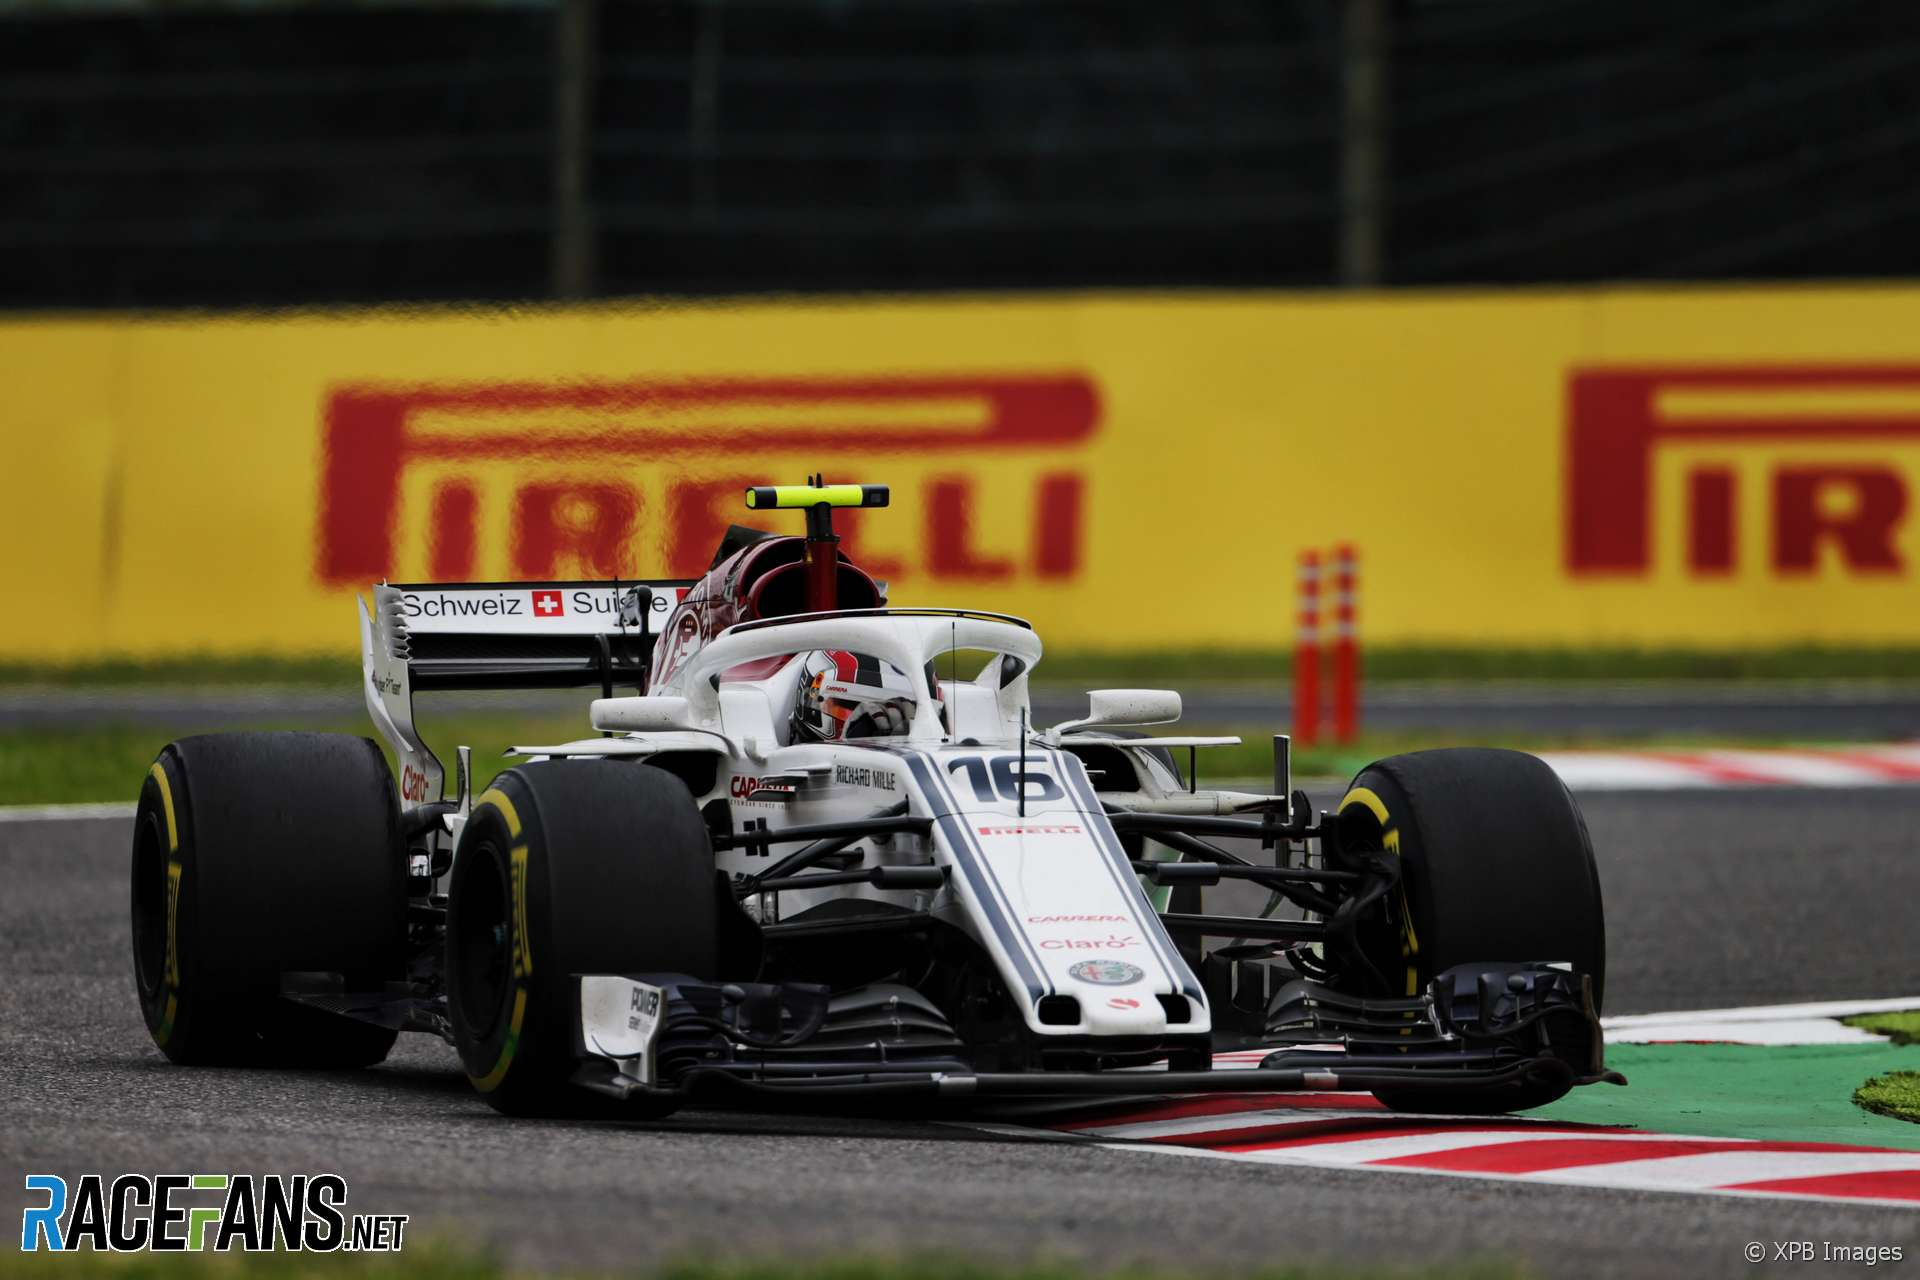 racefansdotnet-20181005-031036-3.jpg